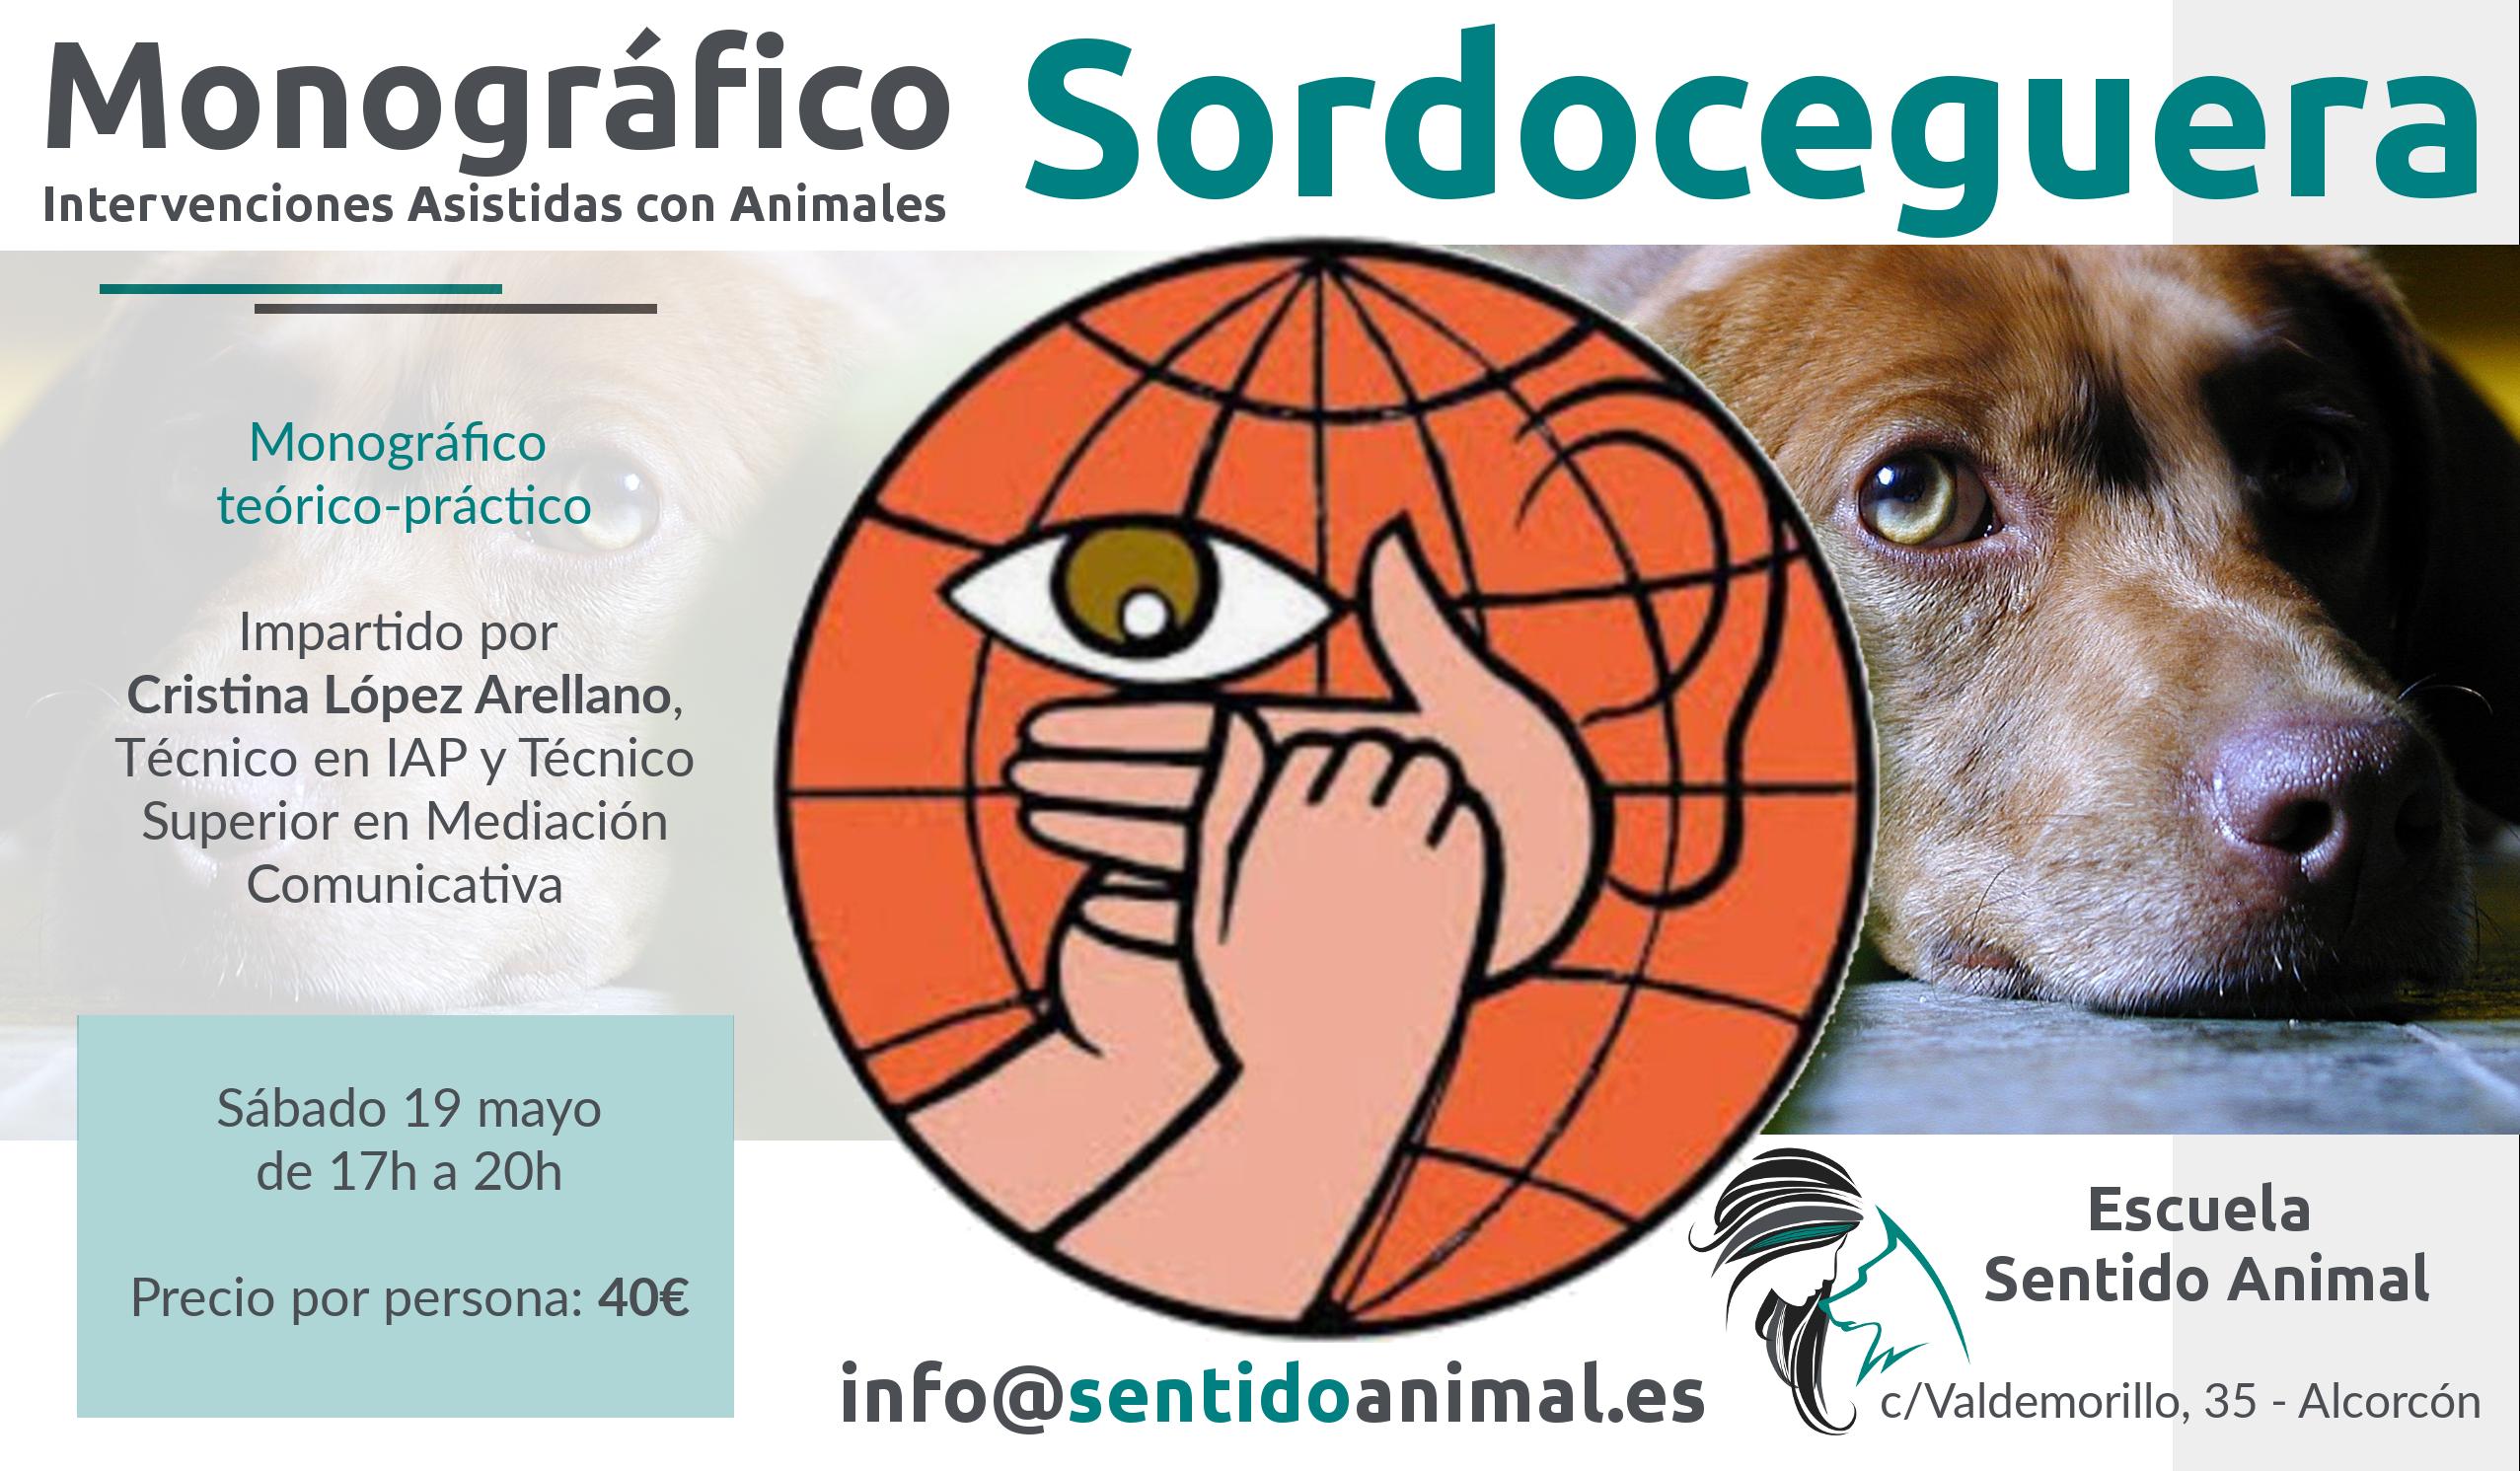 Sordoceguera Monográfico de Intervenciones asistidas con Animales